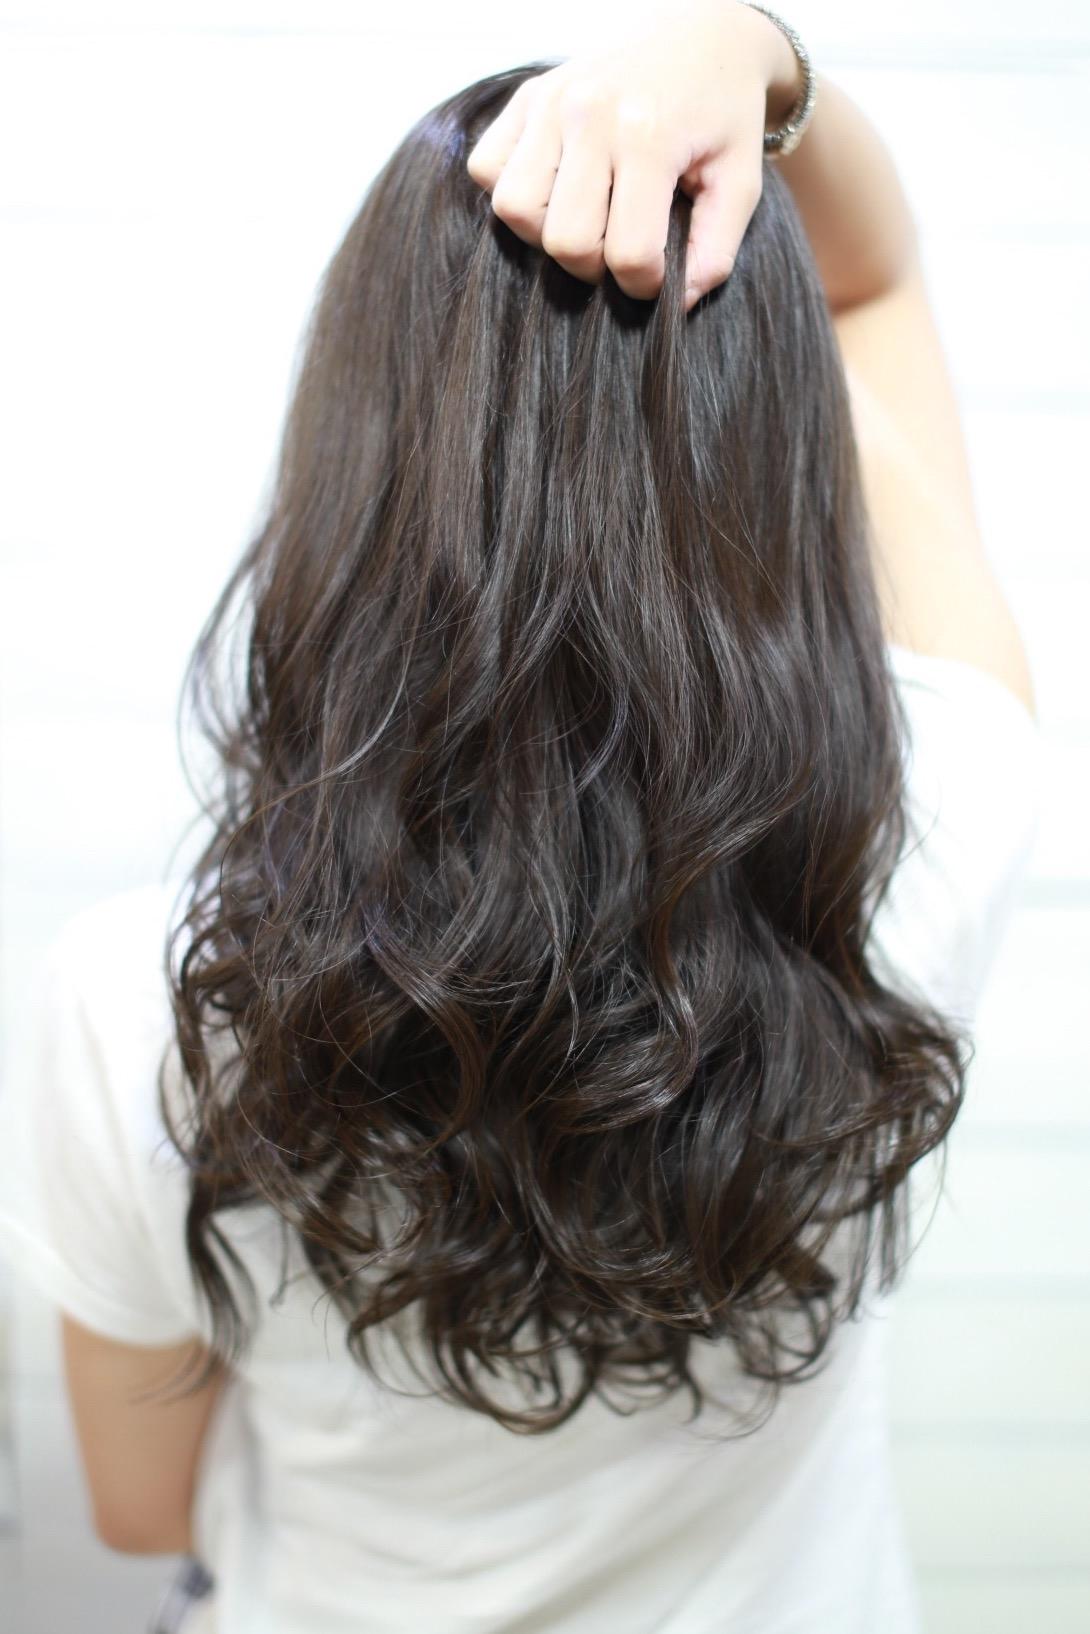 【厳選トリートメント取り扱い】髪質改善でうるおい溢れるサラ艶髪へ